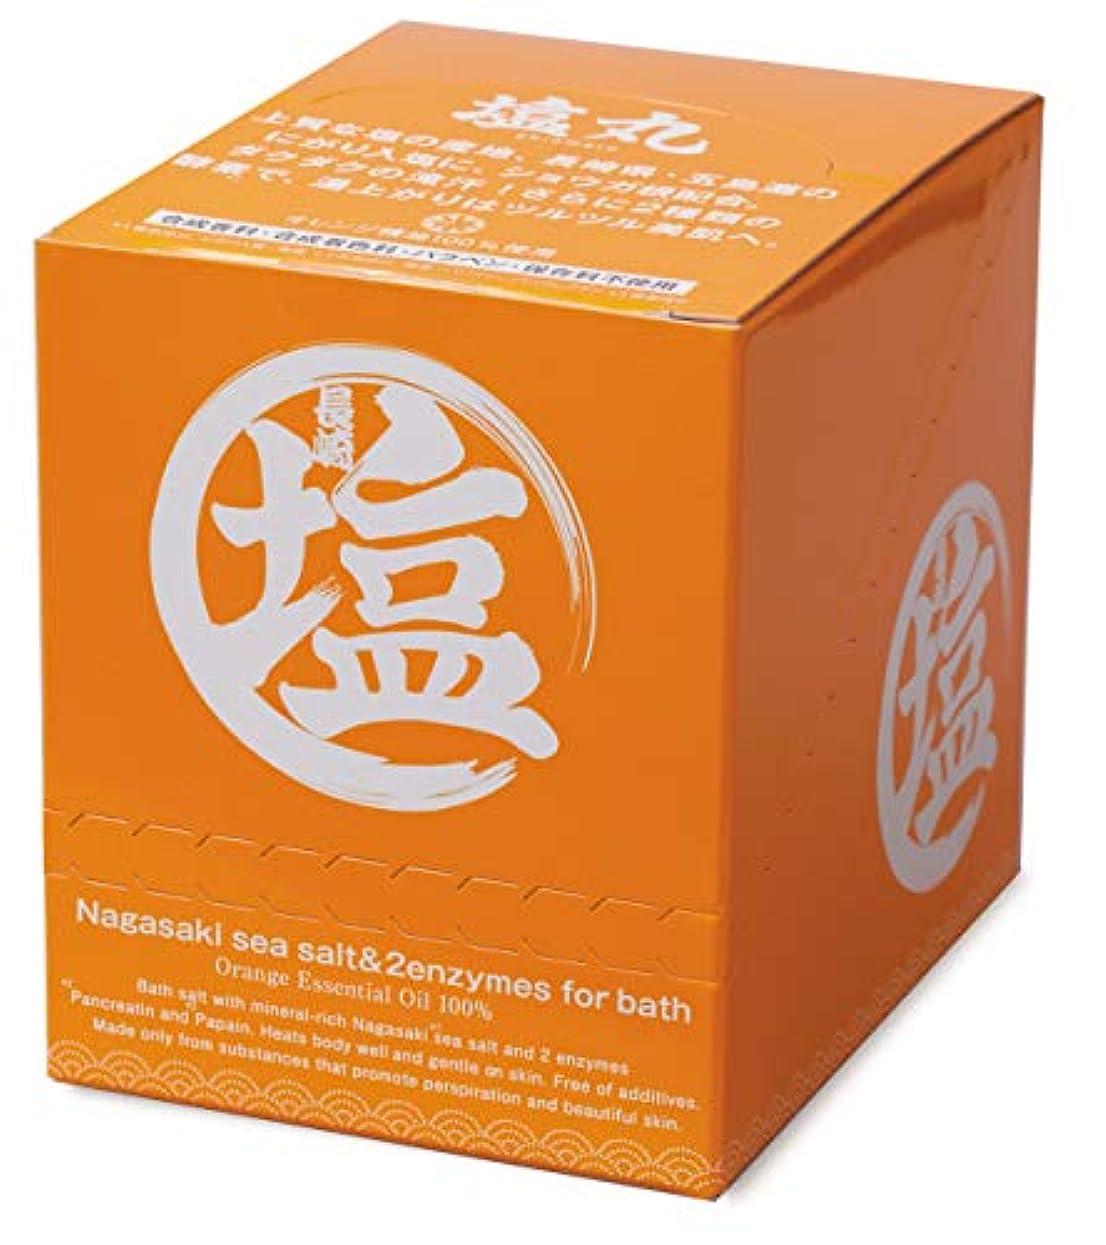 失望させるマウントバンク溢れんばかりの(塩丸)長崎産にがり入海塩入浴剤(40g×12包入)オレンジ精油/合成香料?合成着色料?保存料不使用